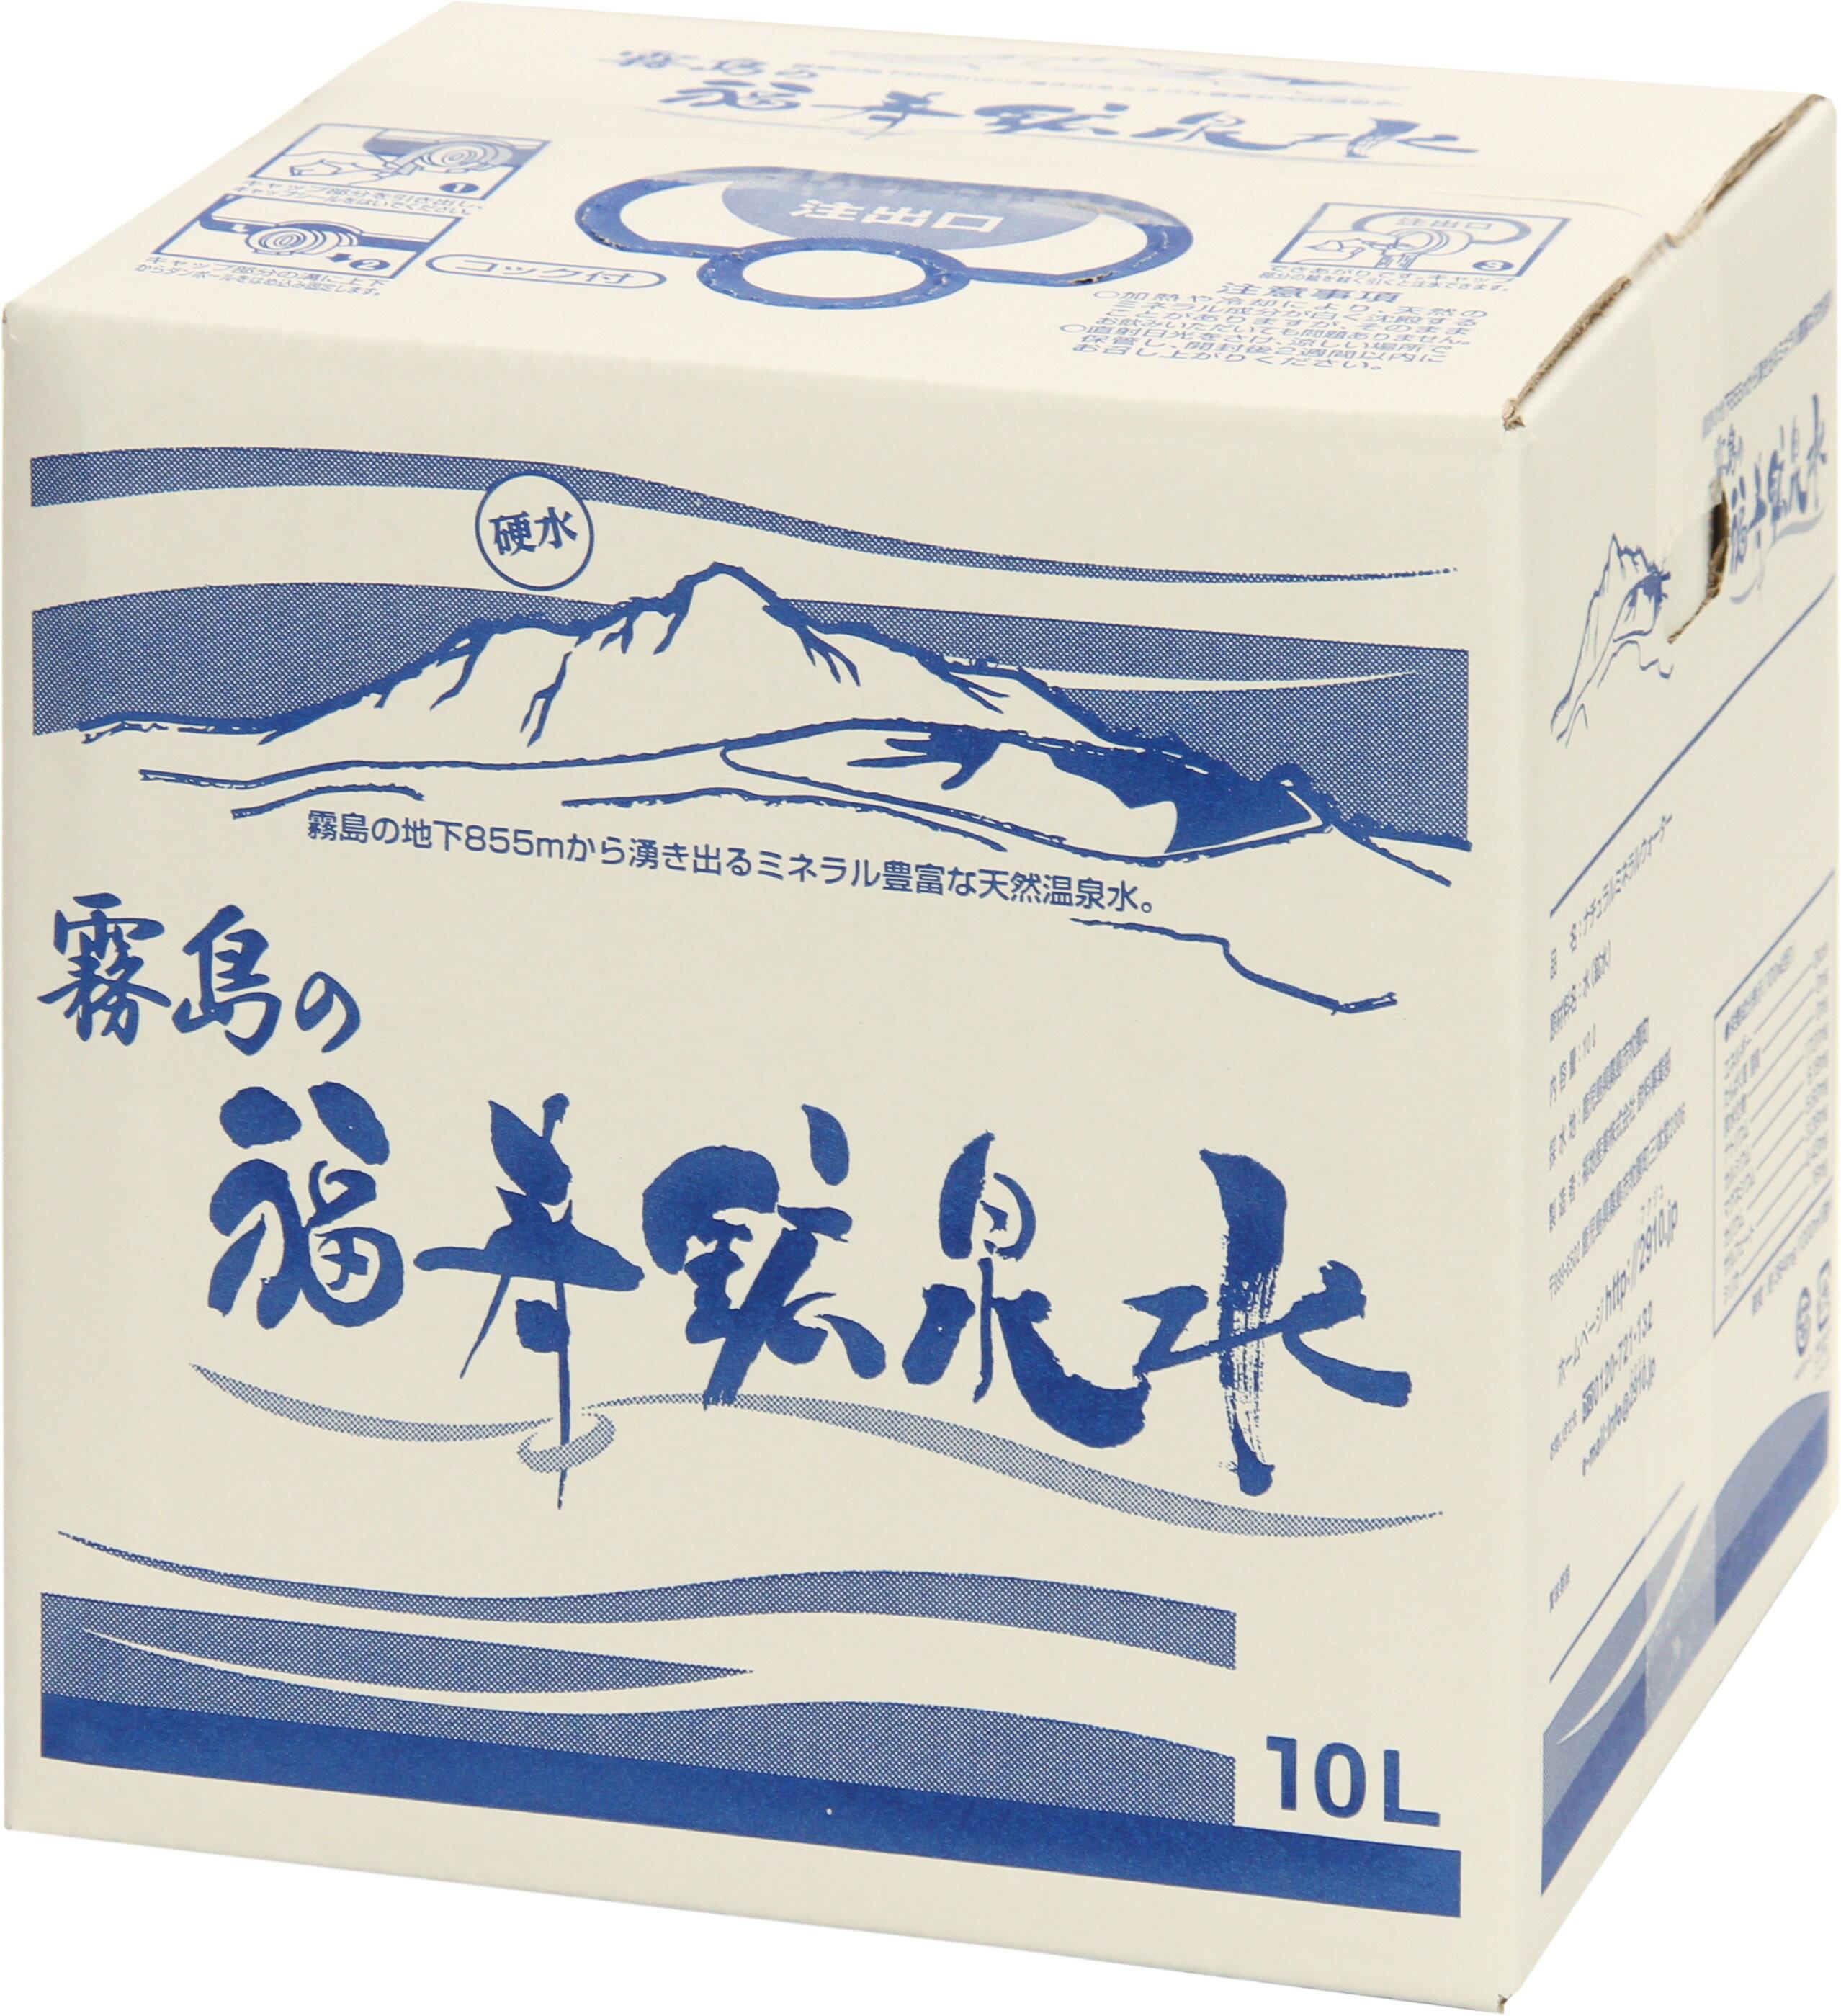 【送料無料】霧島の福寿鉱泉水 10Lバッグインボ...の商品画像